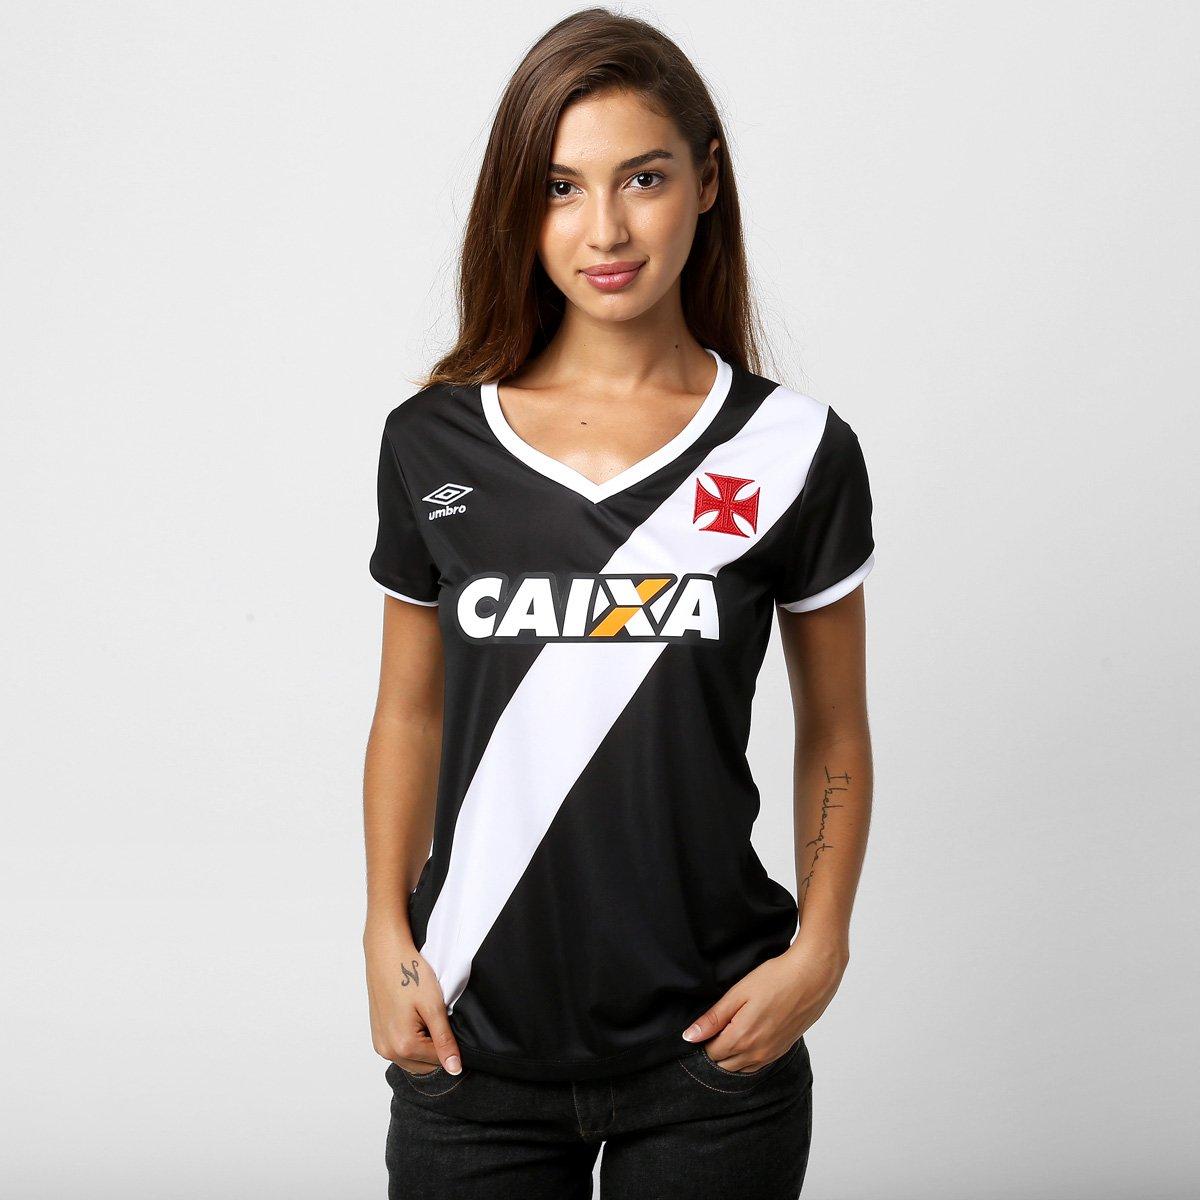 bda5ee55f8 Camisa Feminina Umbro Vasco I 14 15 s nº - Compre Agora